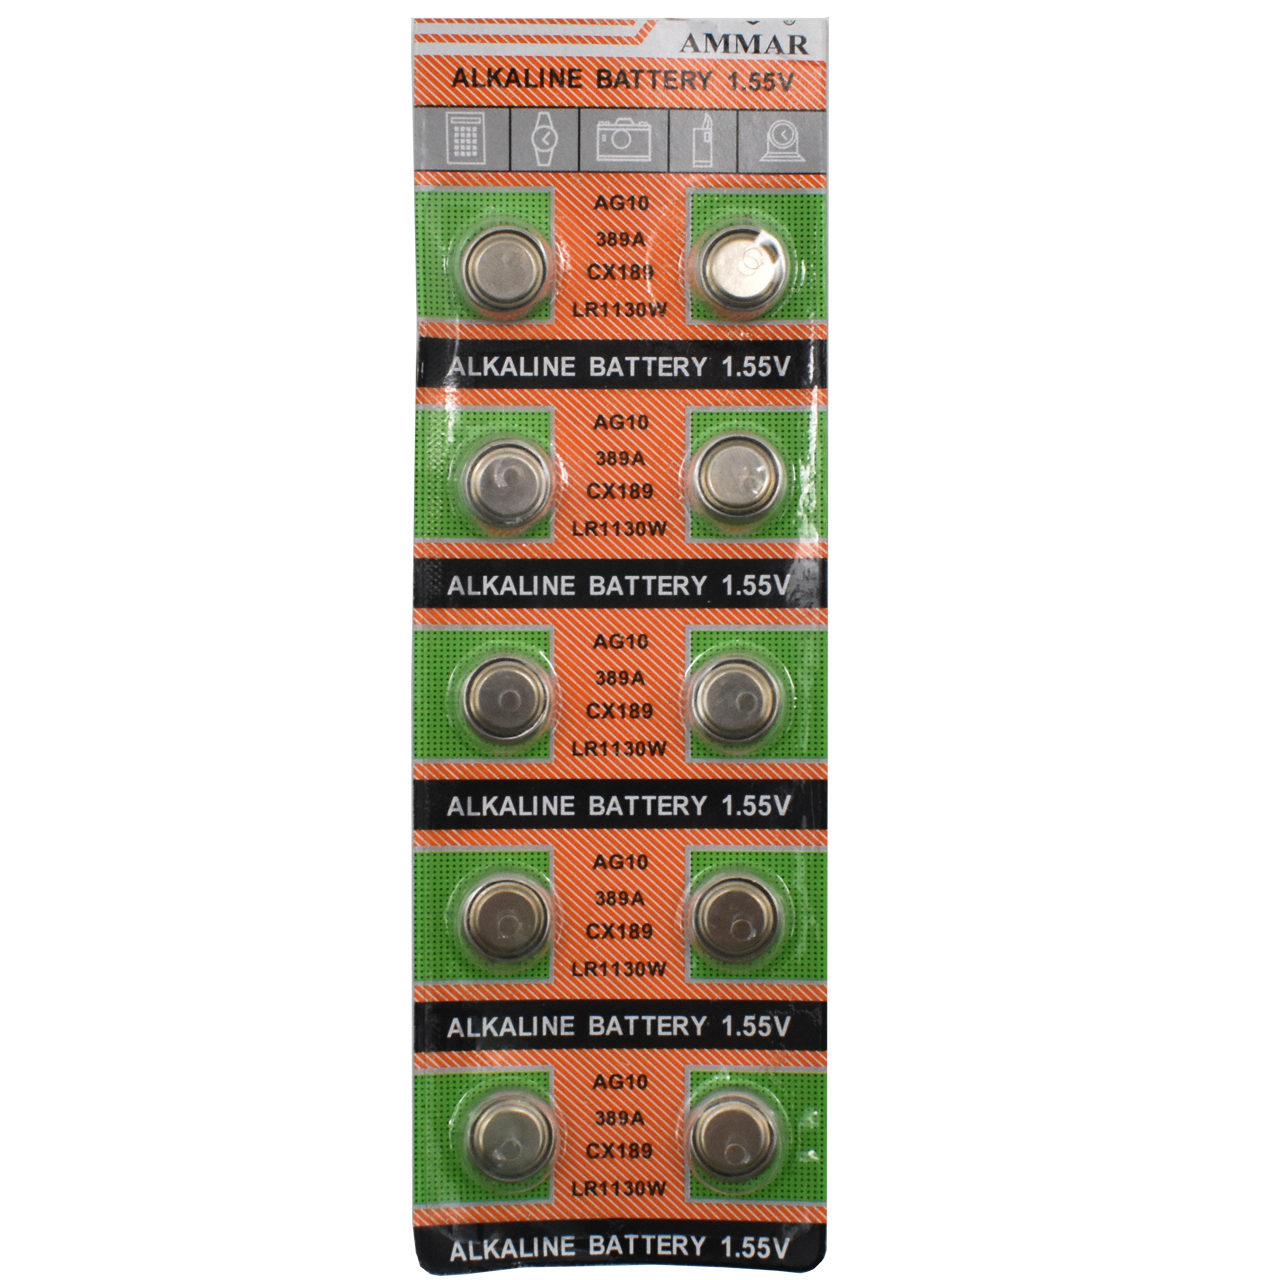 باتری AG10 آلکالین ام مار بسته 10 عددی